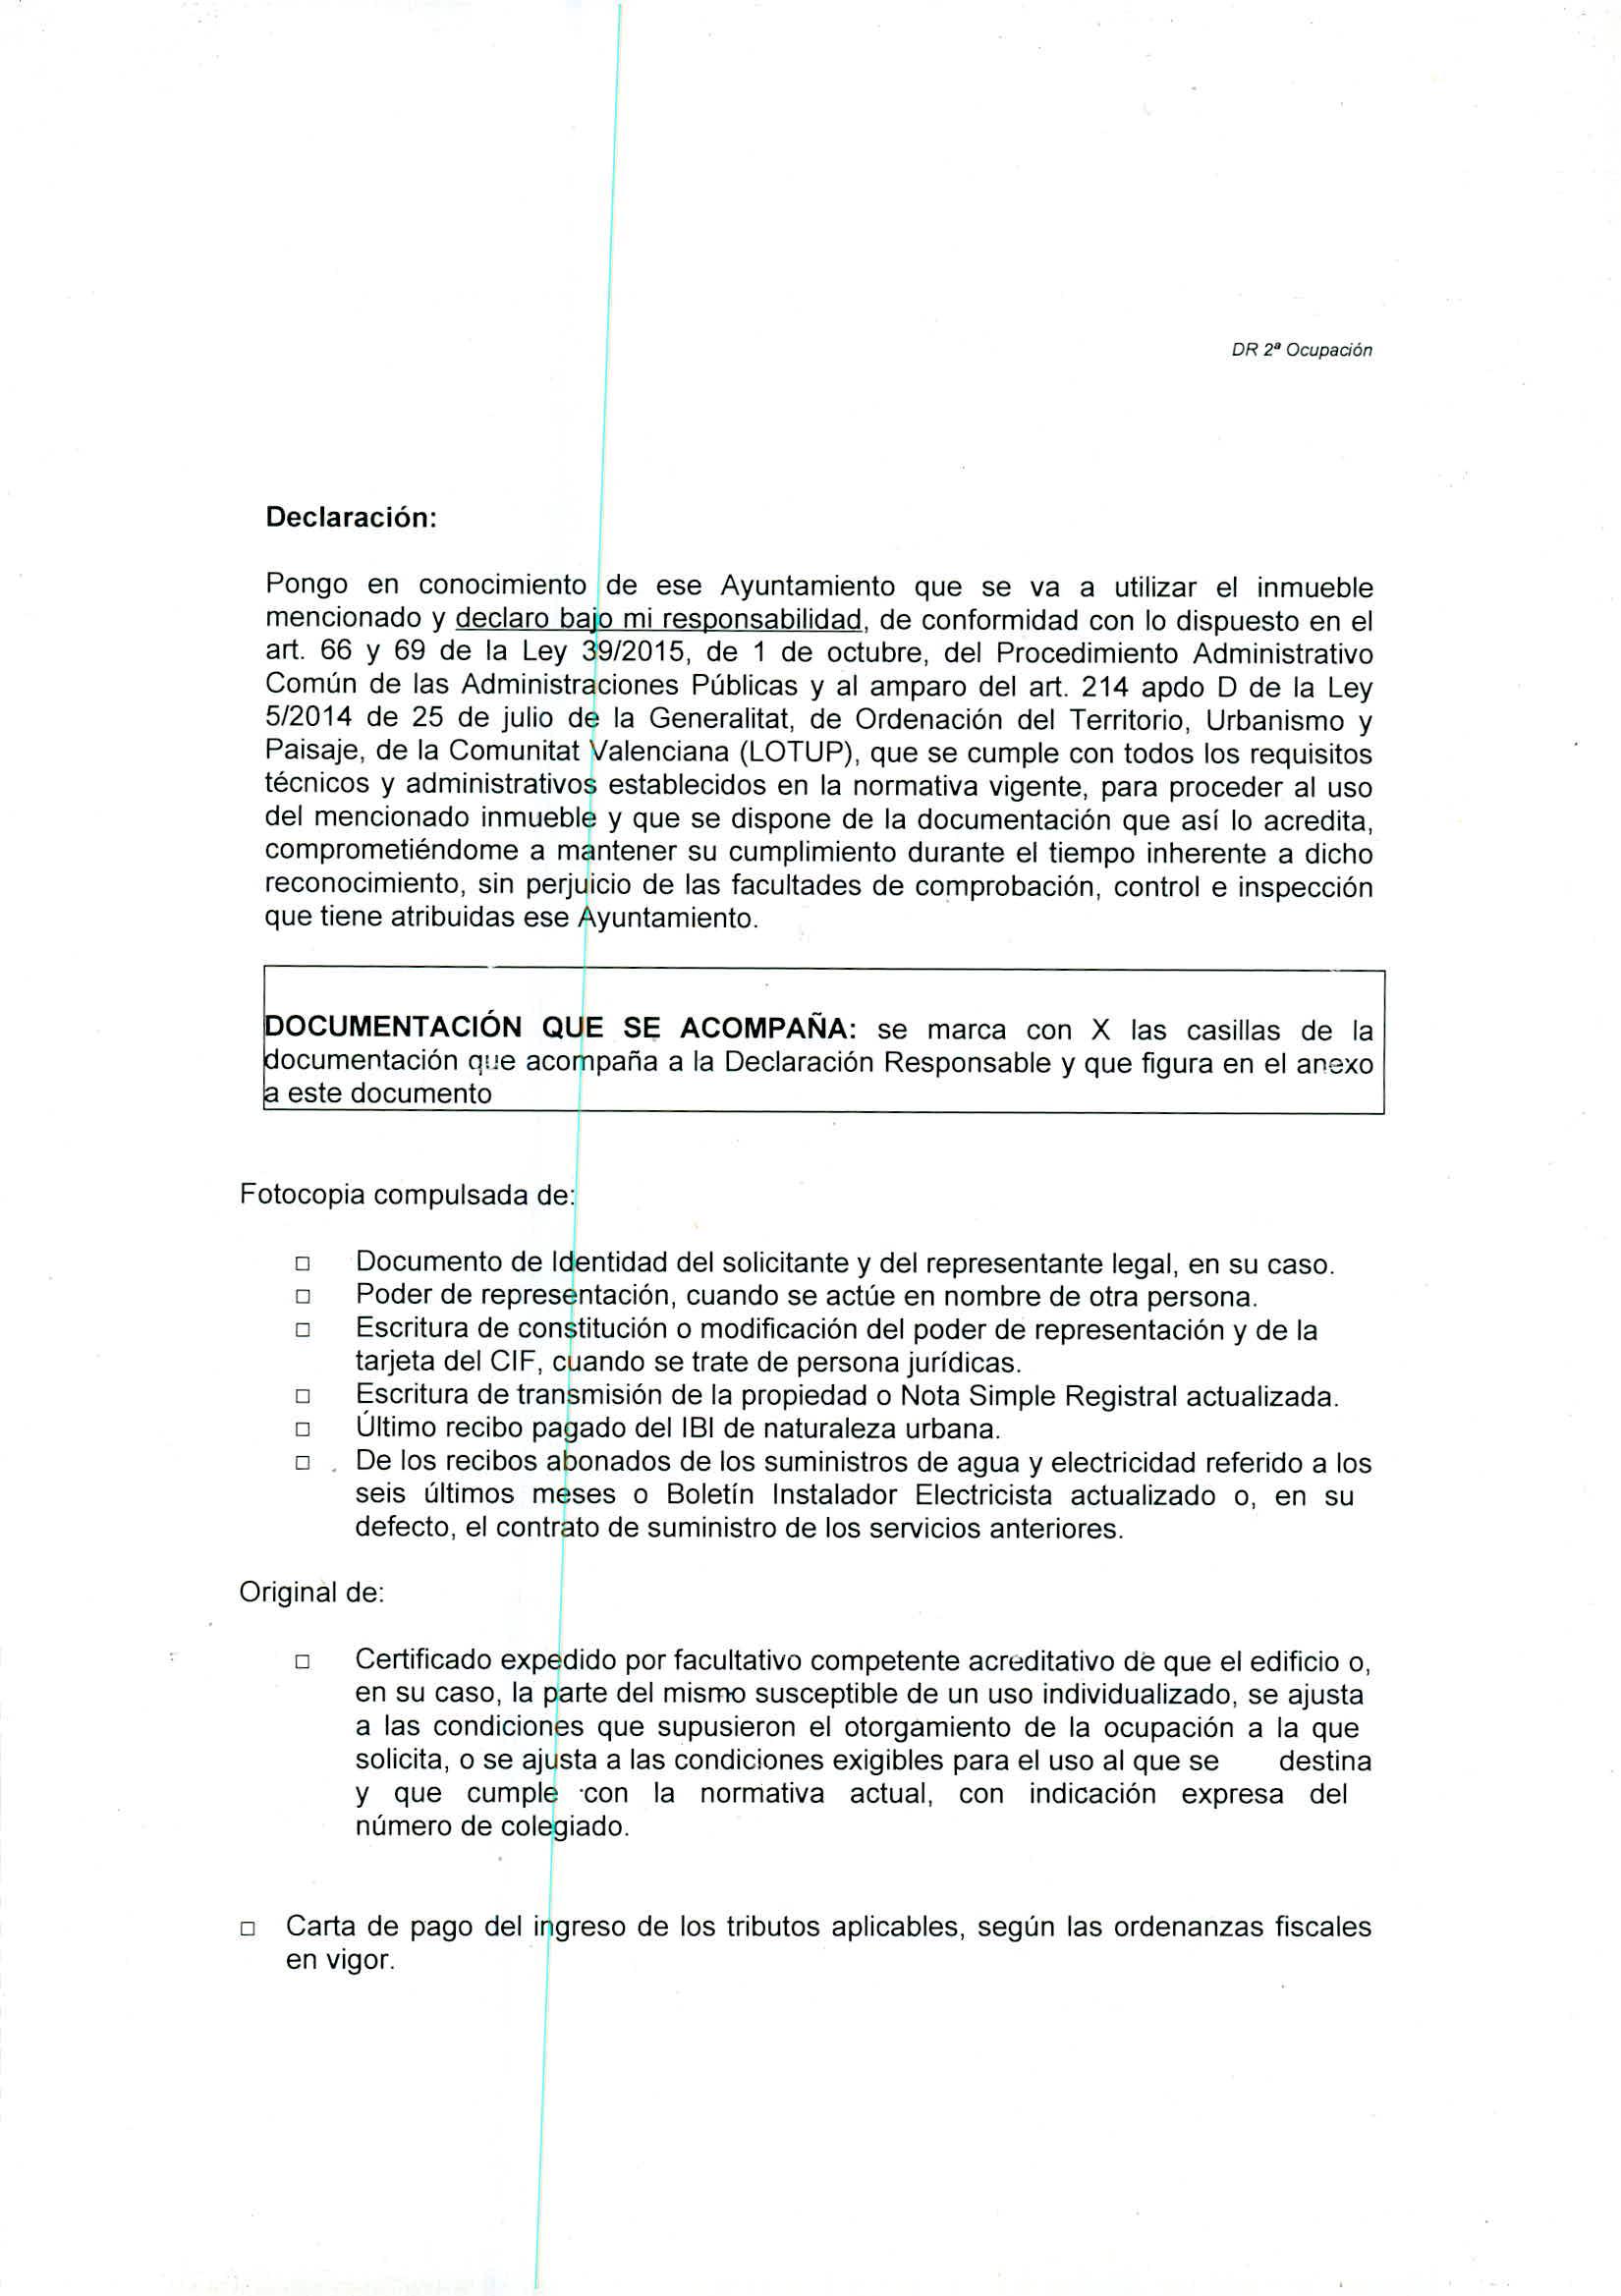 Impreso Declaración Responsable Segunda Ocupación Vinaròs